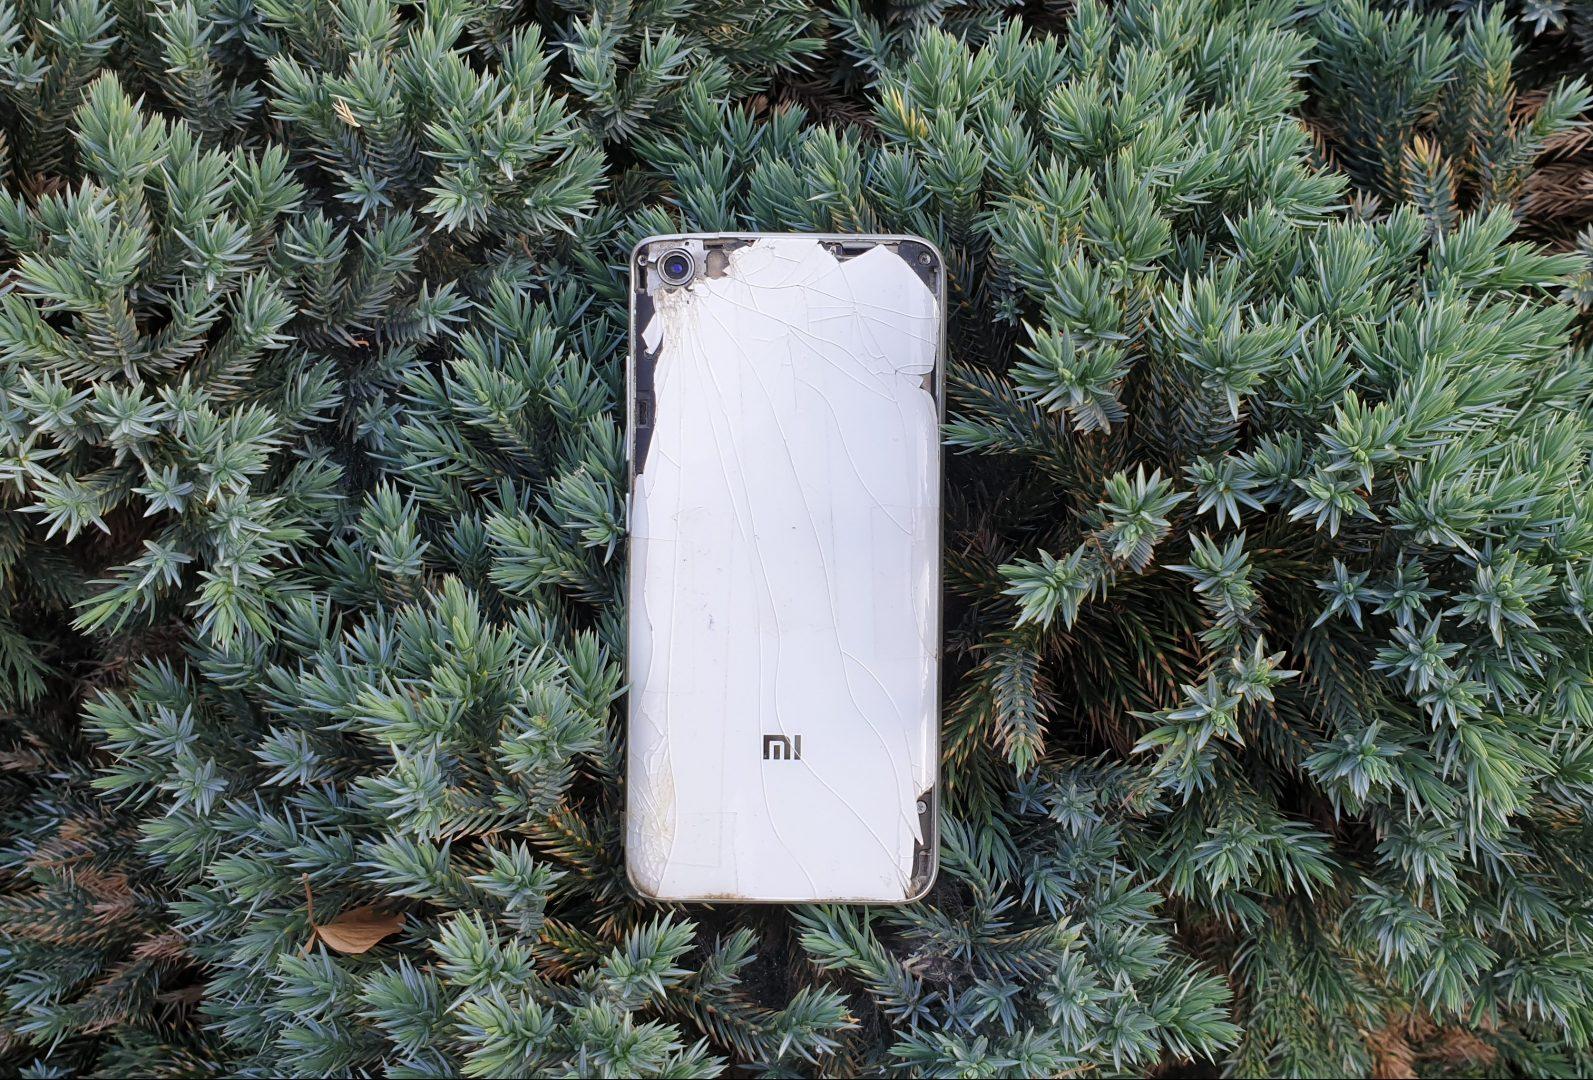 Xiaomi Mi 5 ROOTgear Hubert